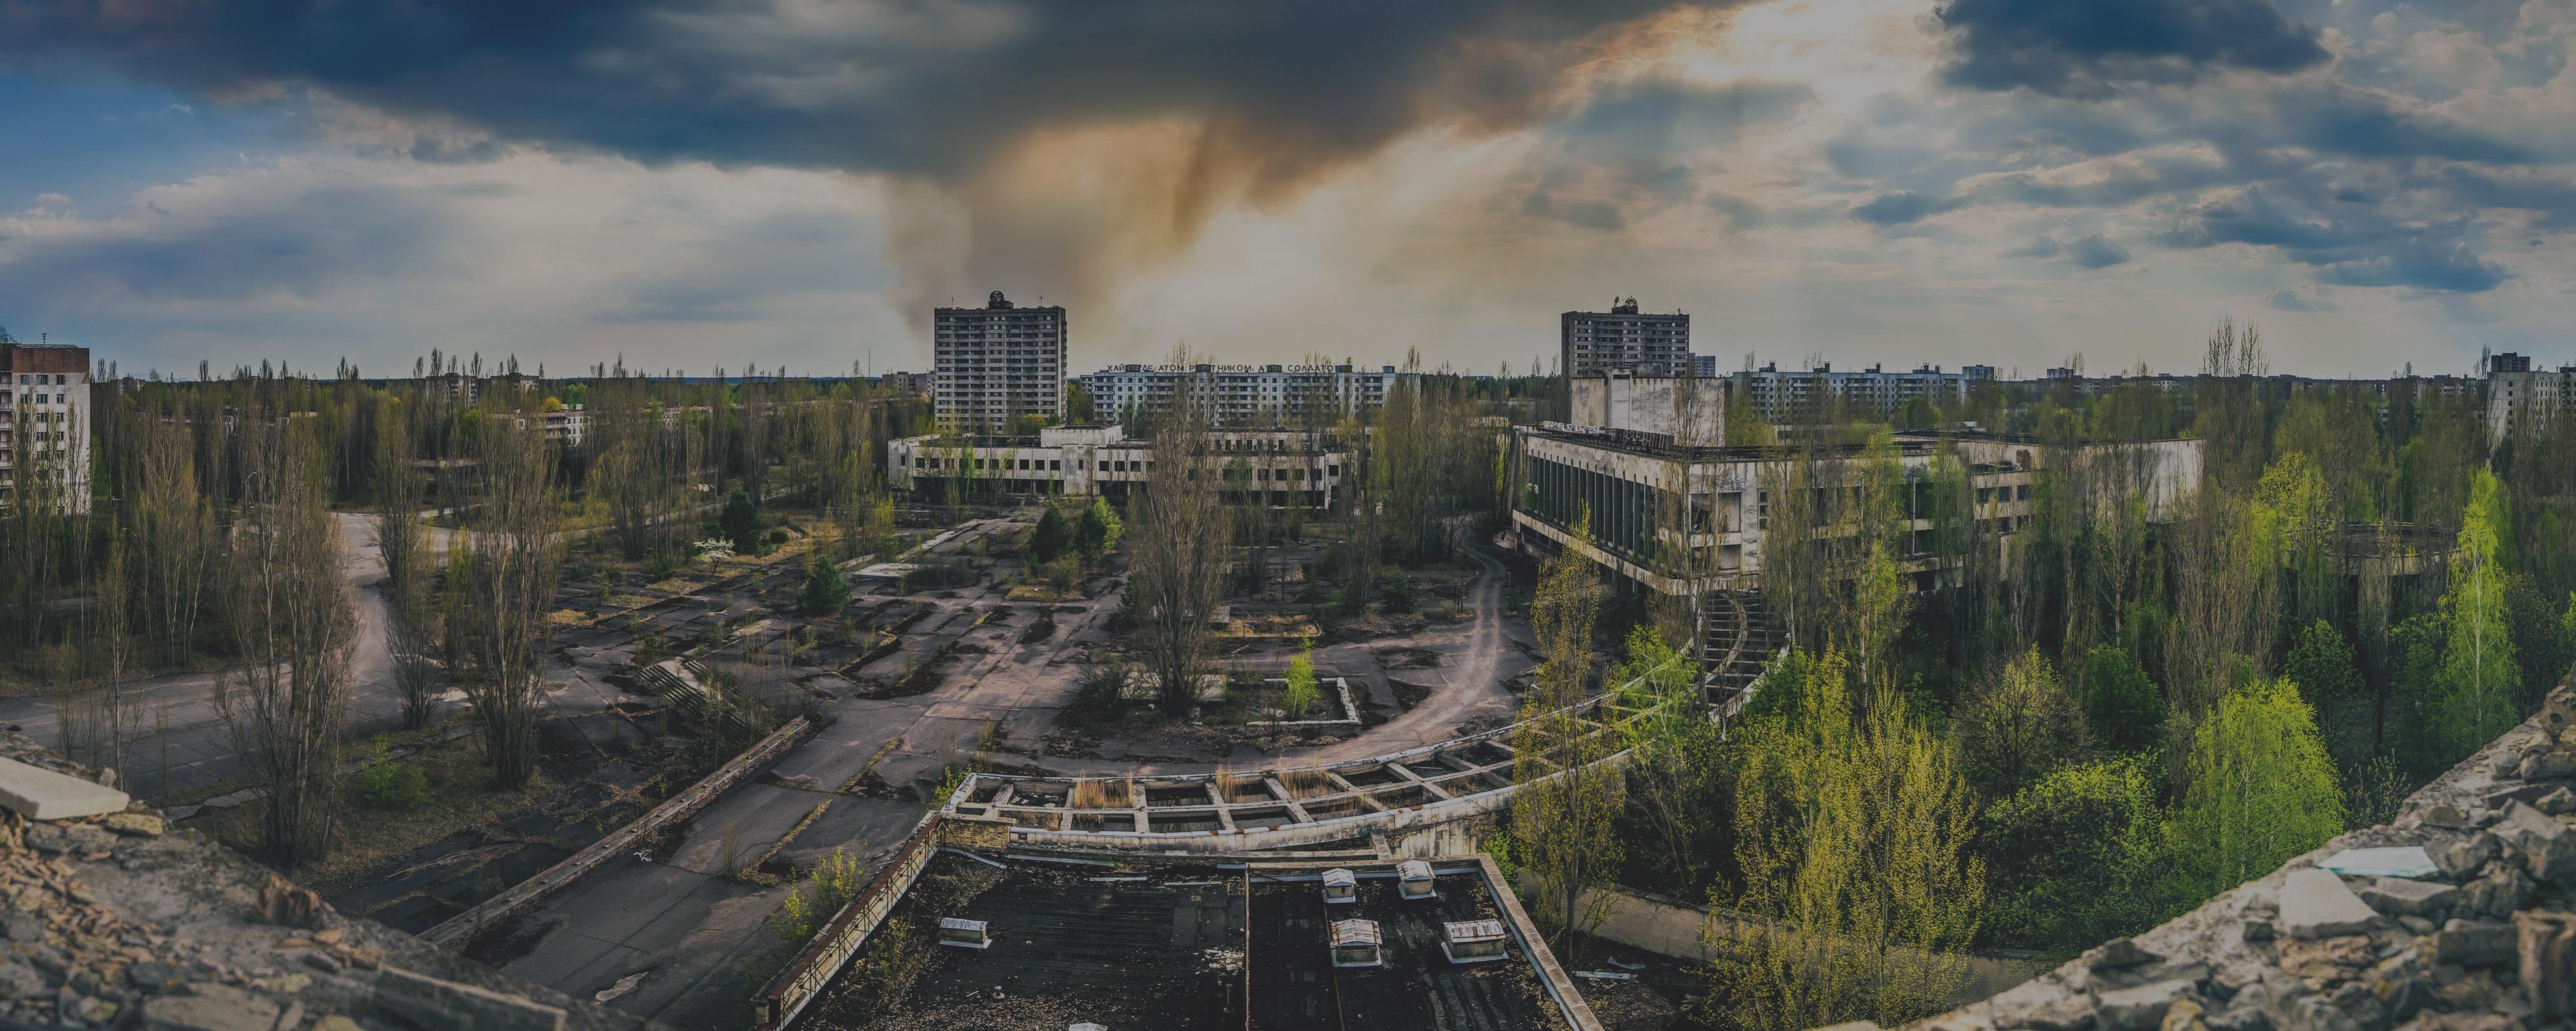 Загадочный Чернобыль